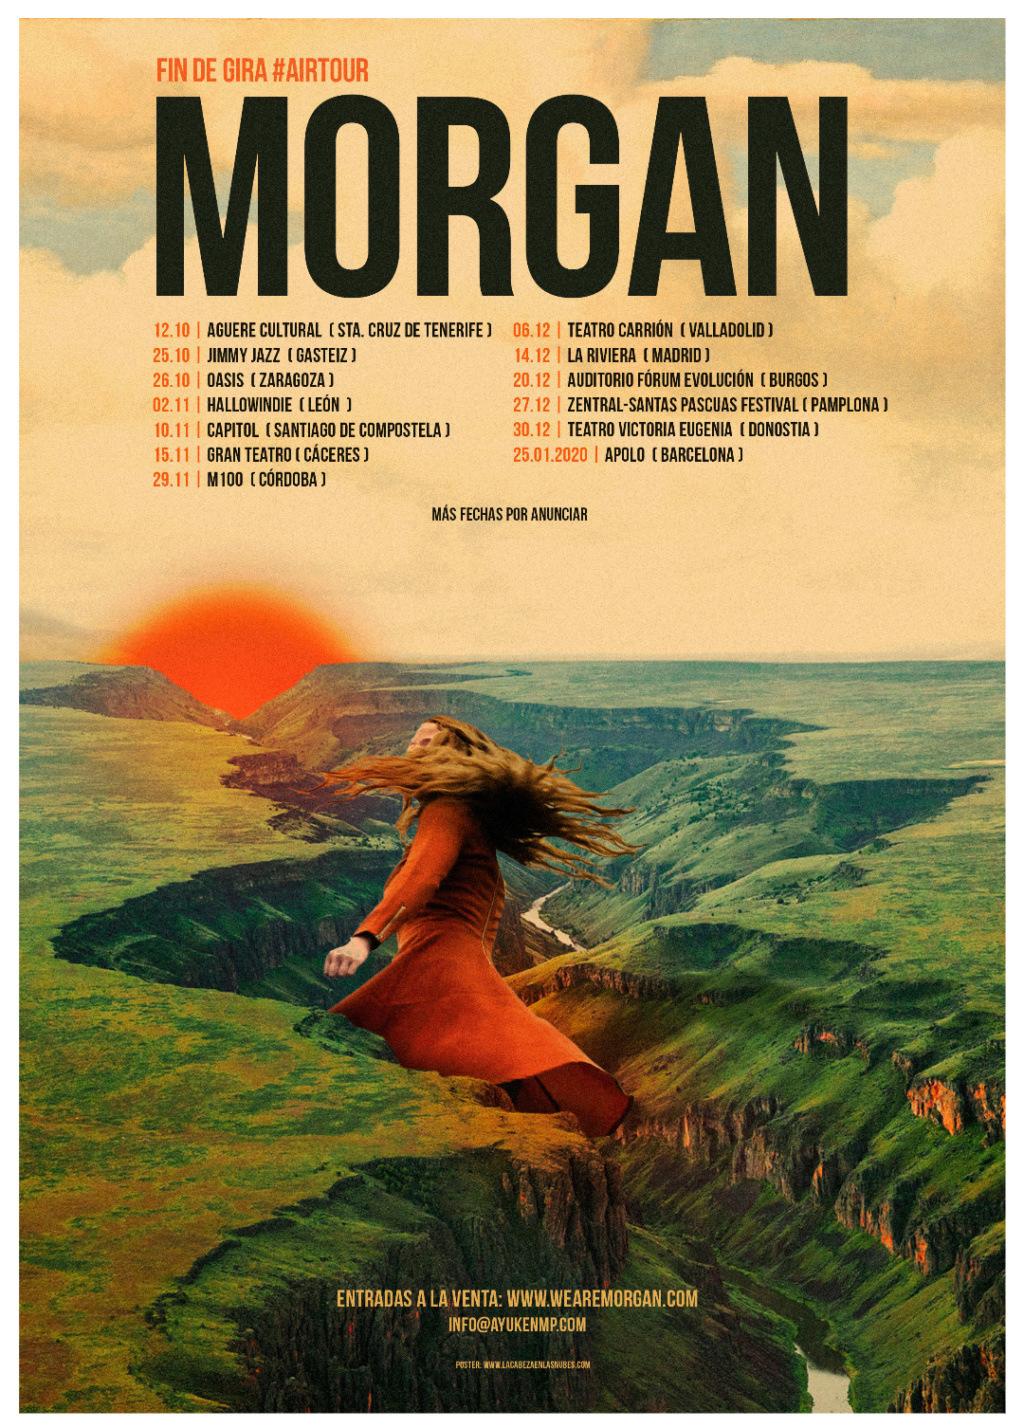 Agenda de giras, conciertos y festivales - Página 3 Screen23